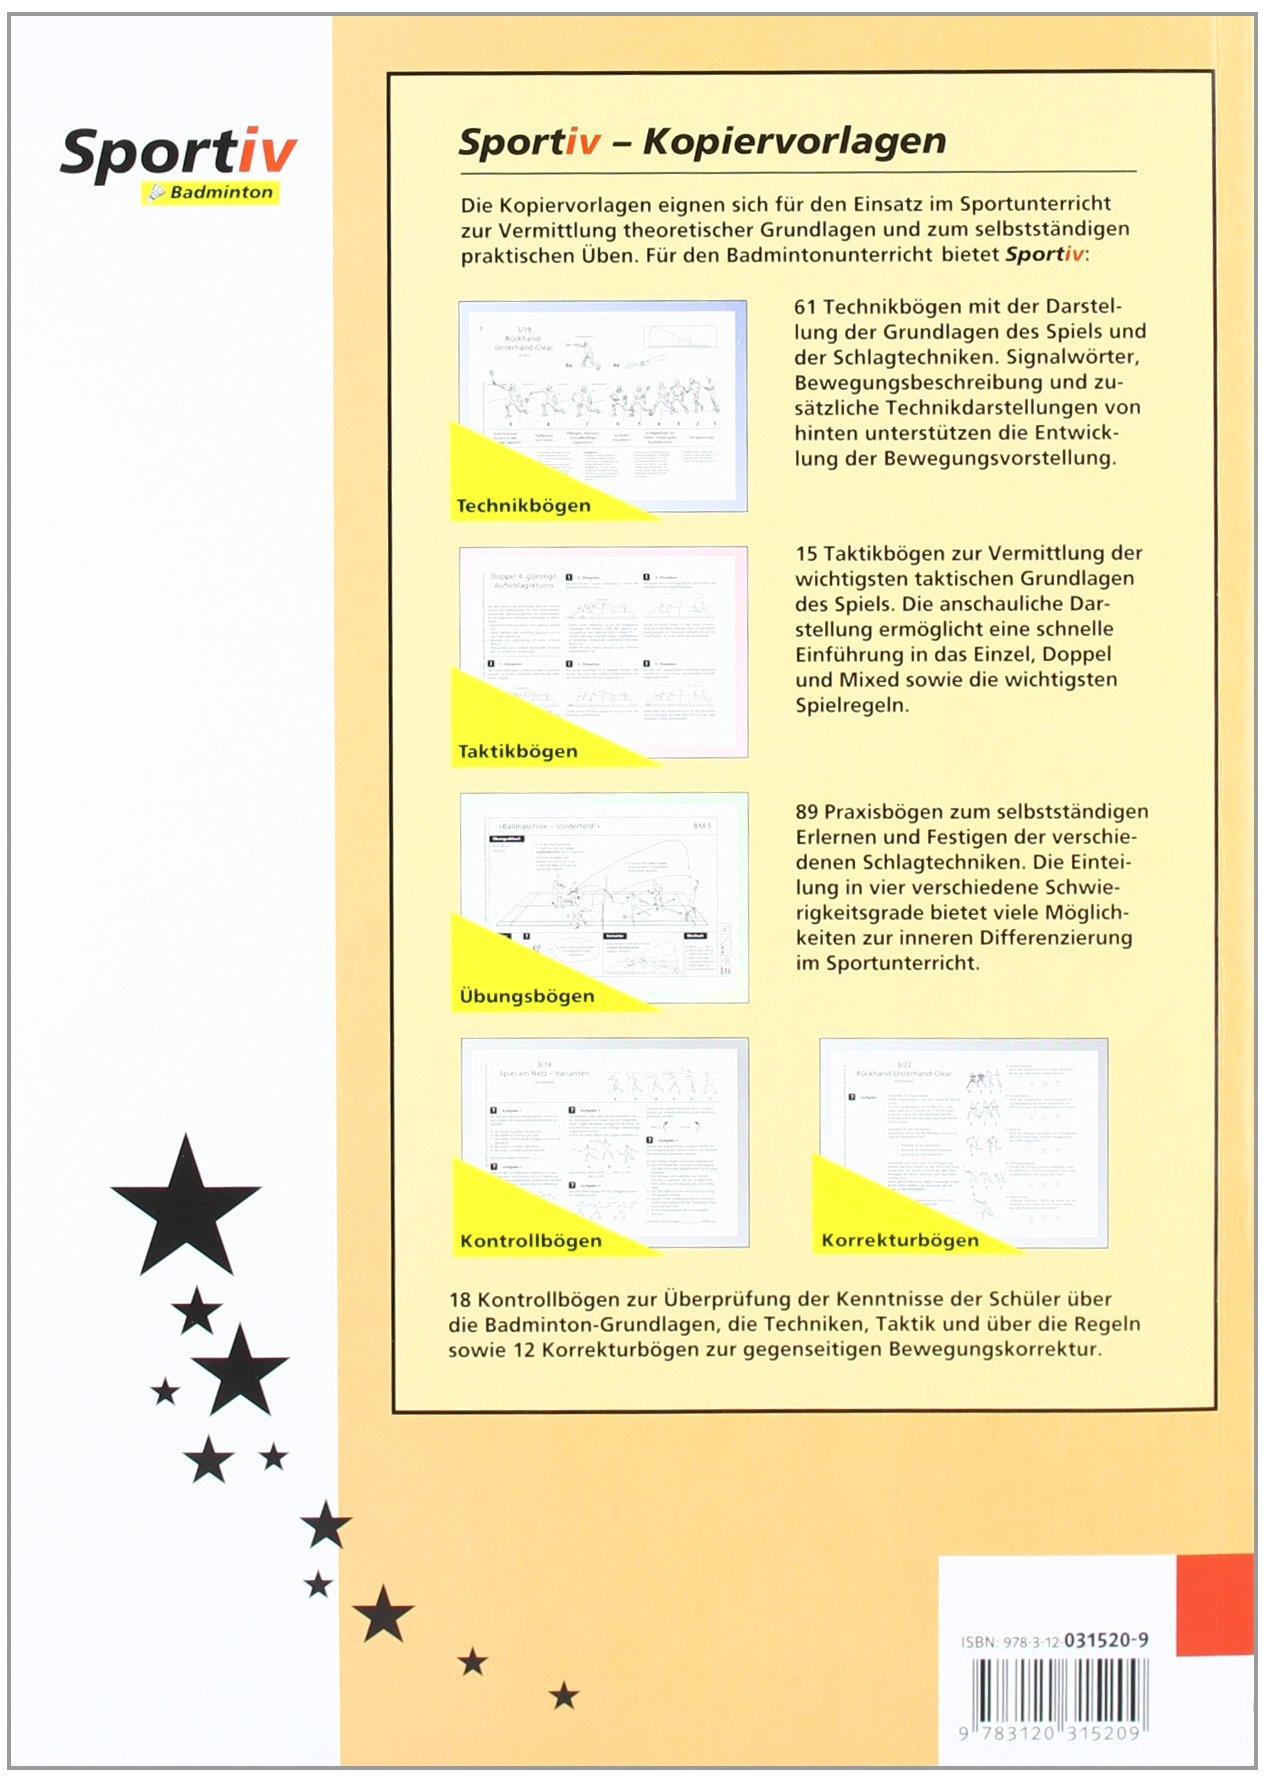 Sportiv: Badminton. Kopiervorlagen für den Badmintonunterricht. (Lernmaterialien) by Klett